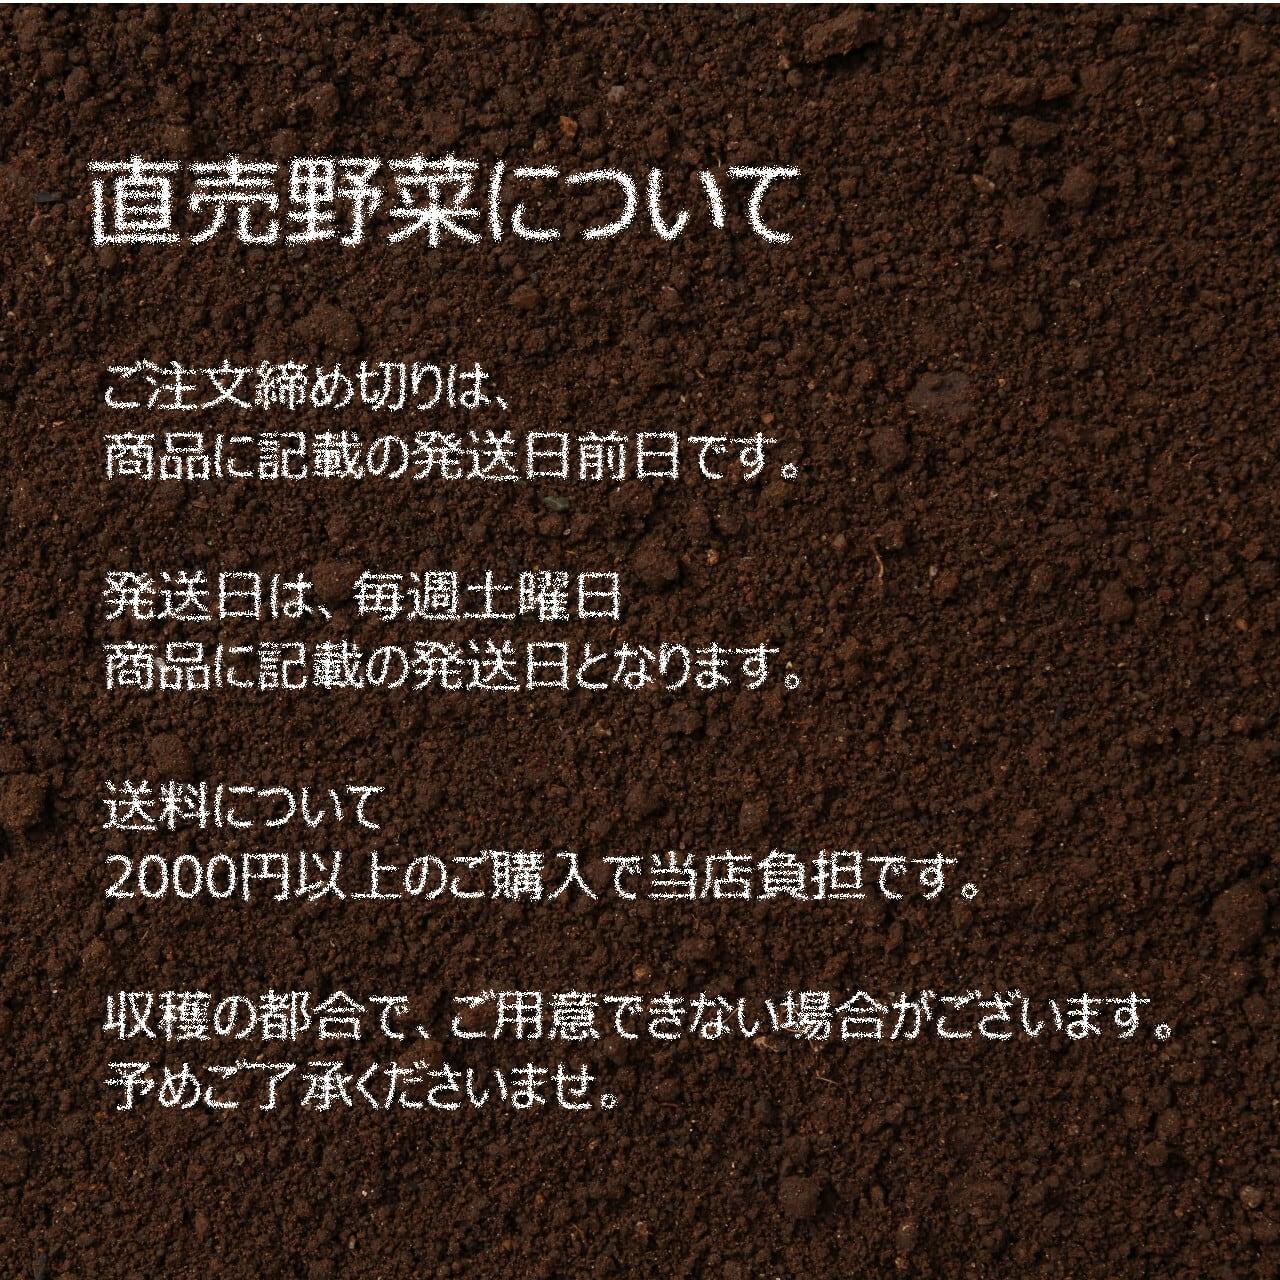 7月の朝採り直売野菜 : インゲン 約200g  7月の新鮮野菜 7月25日発送予定